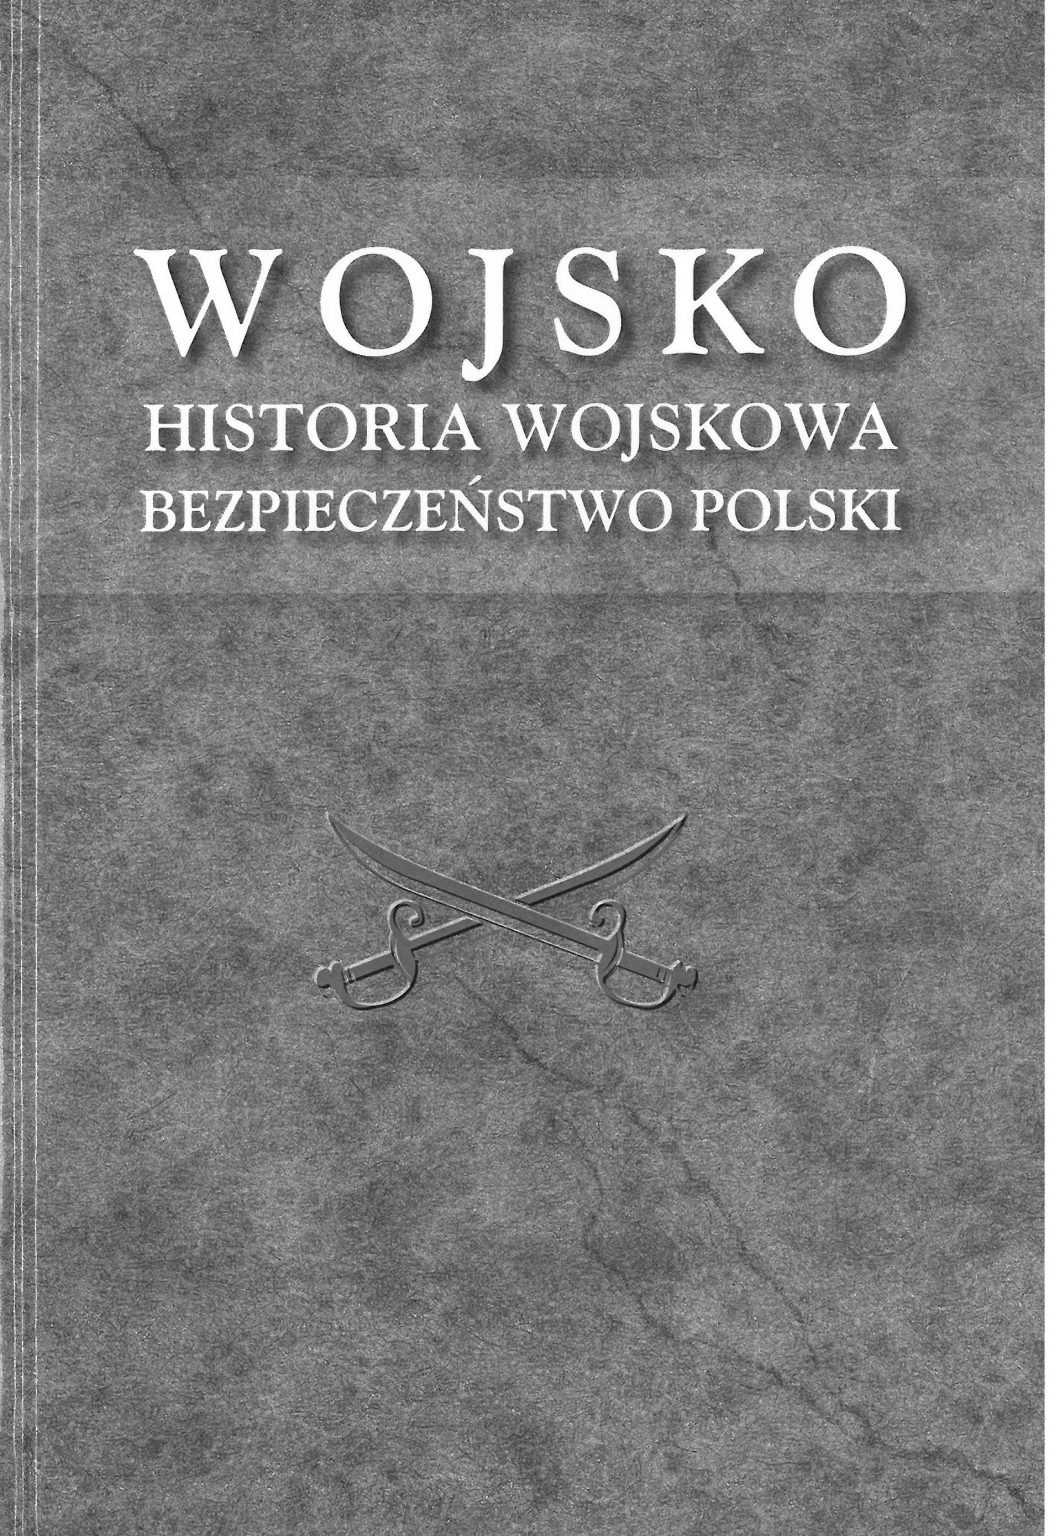 Wojsko Historia wojskowa Zbiór studiów ofiarowanych prof. T.Paneckiemu (opr.zbiorowe)